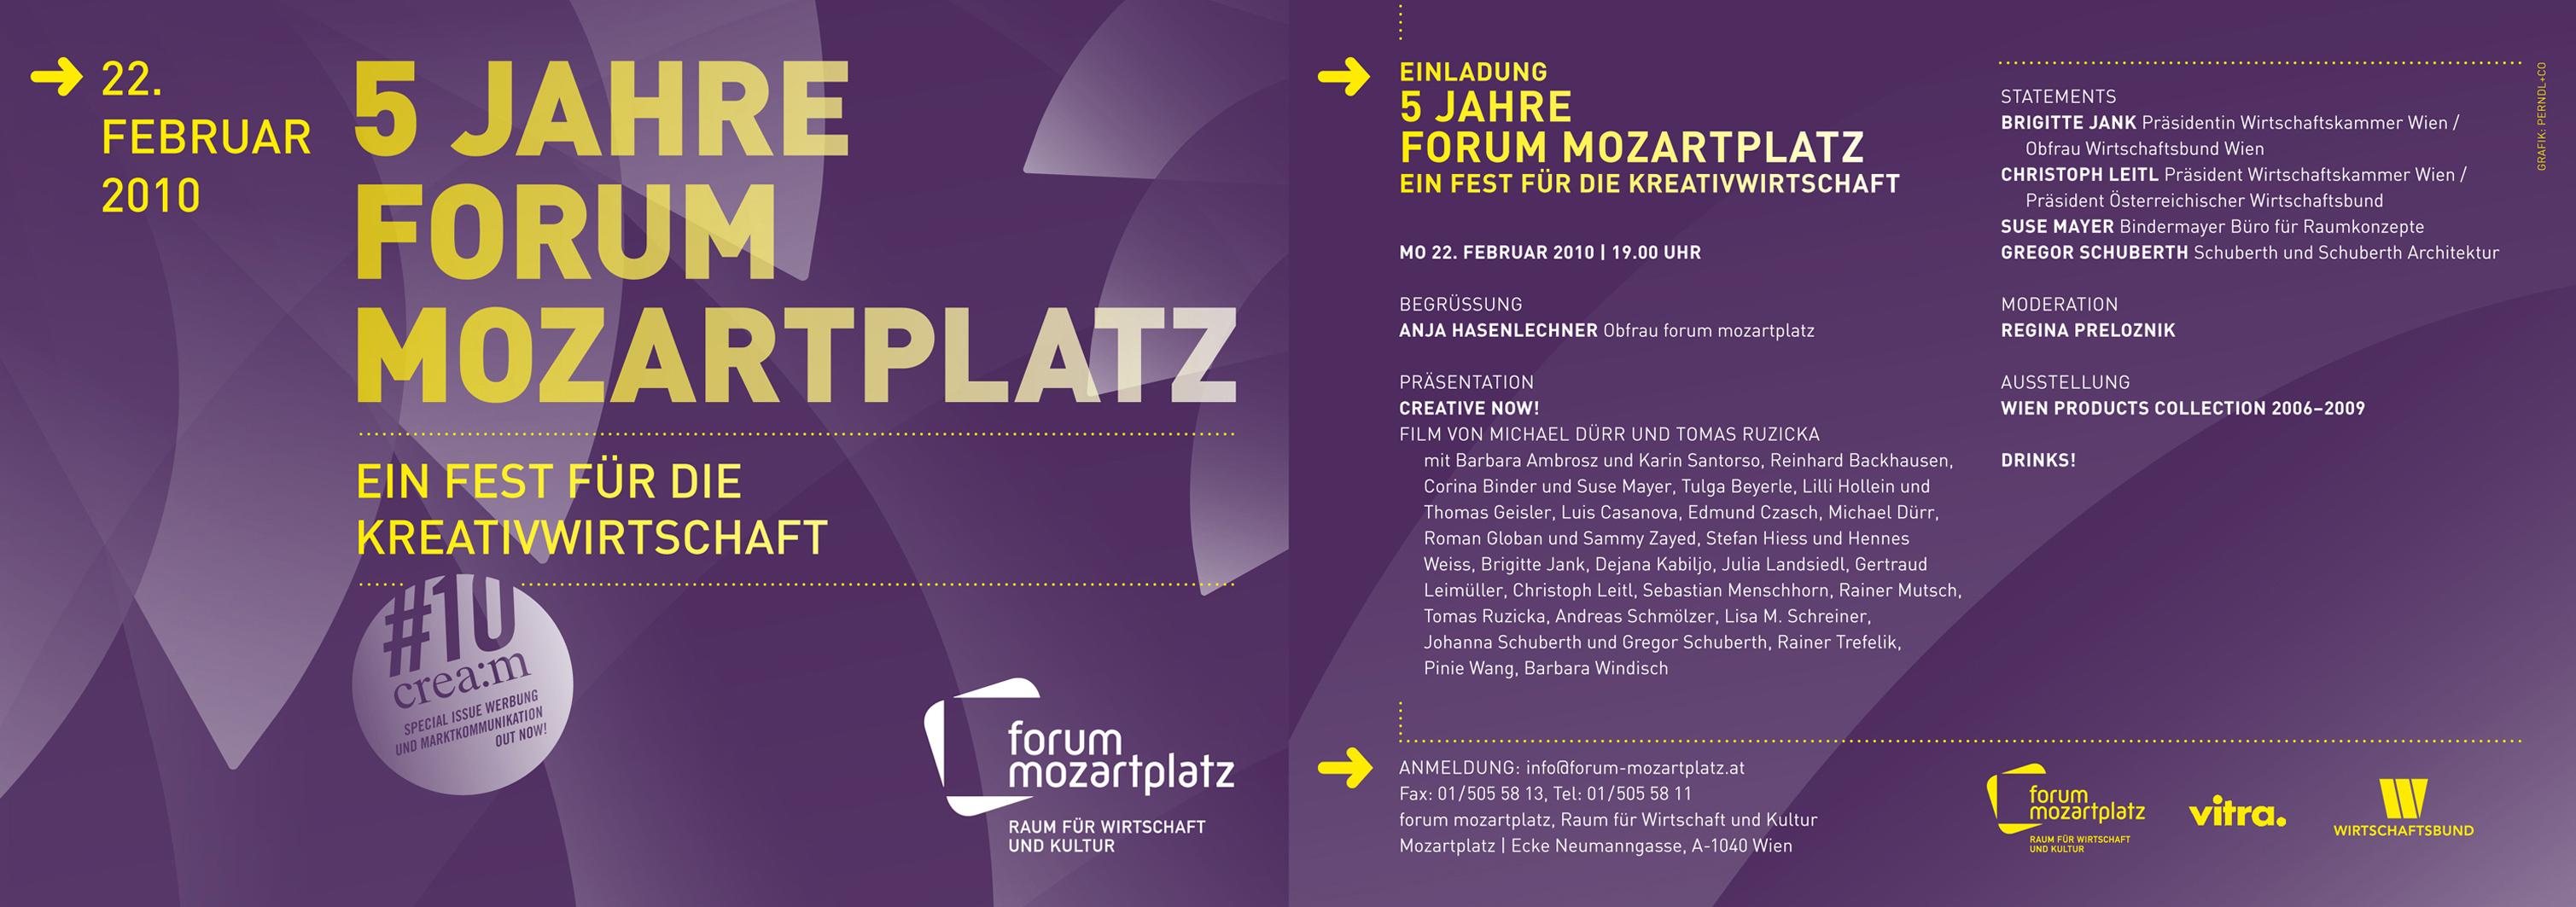 Jahre Forum Mozartplatz